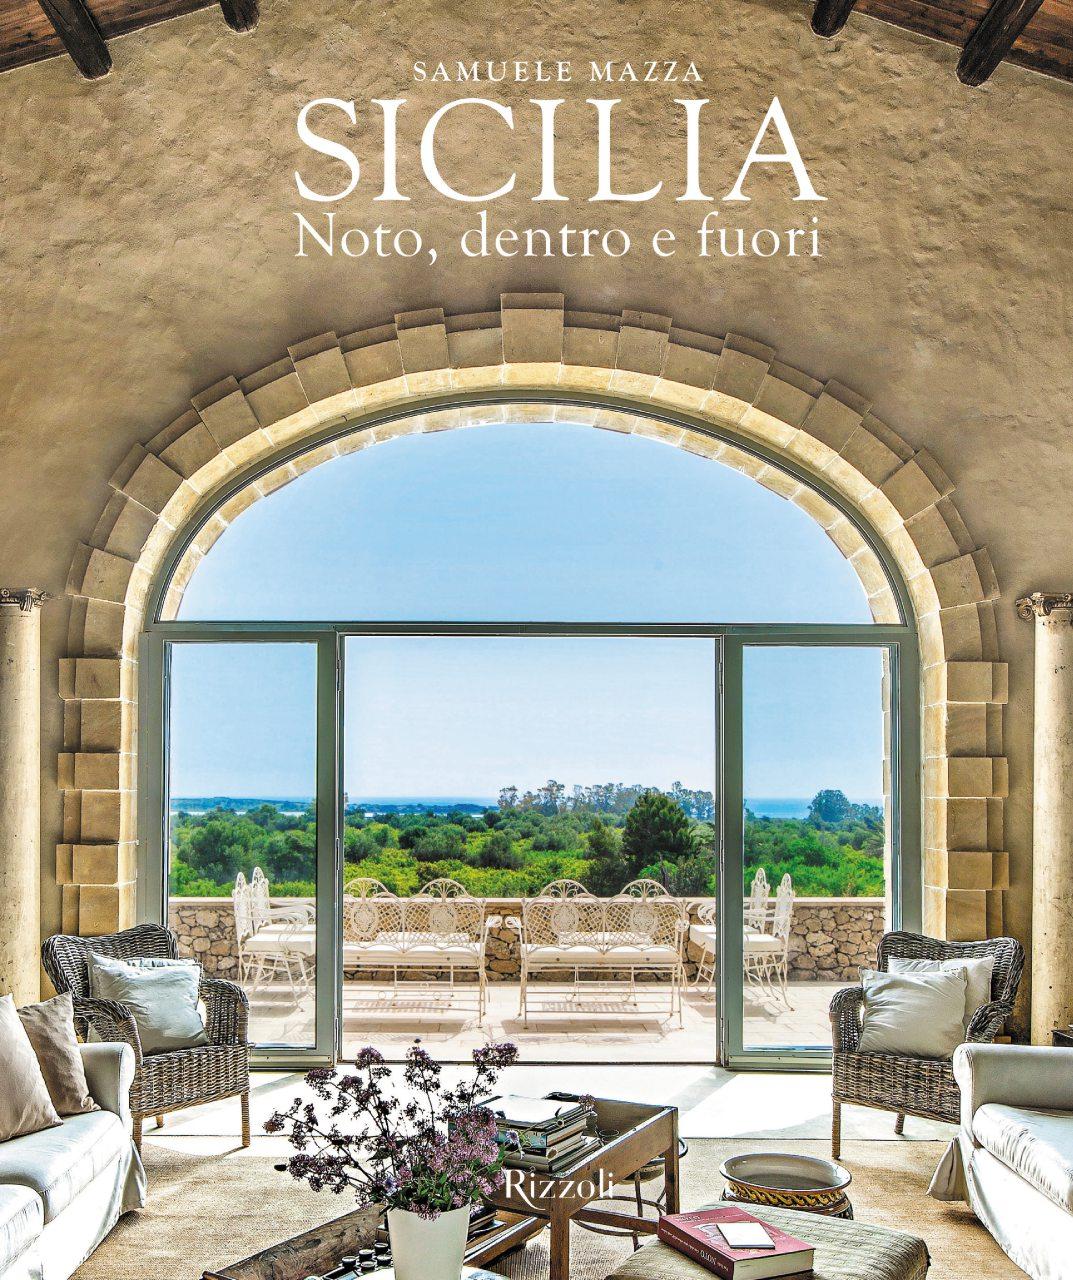 Migliori Libri Interior Design 50 migliori libri di viaggio da leggere e regalare a natale